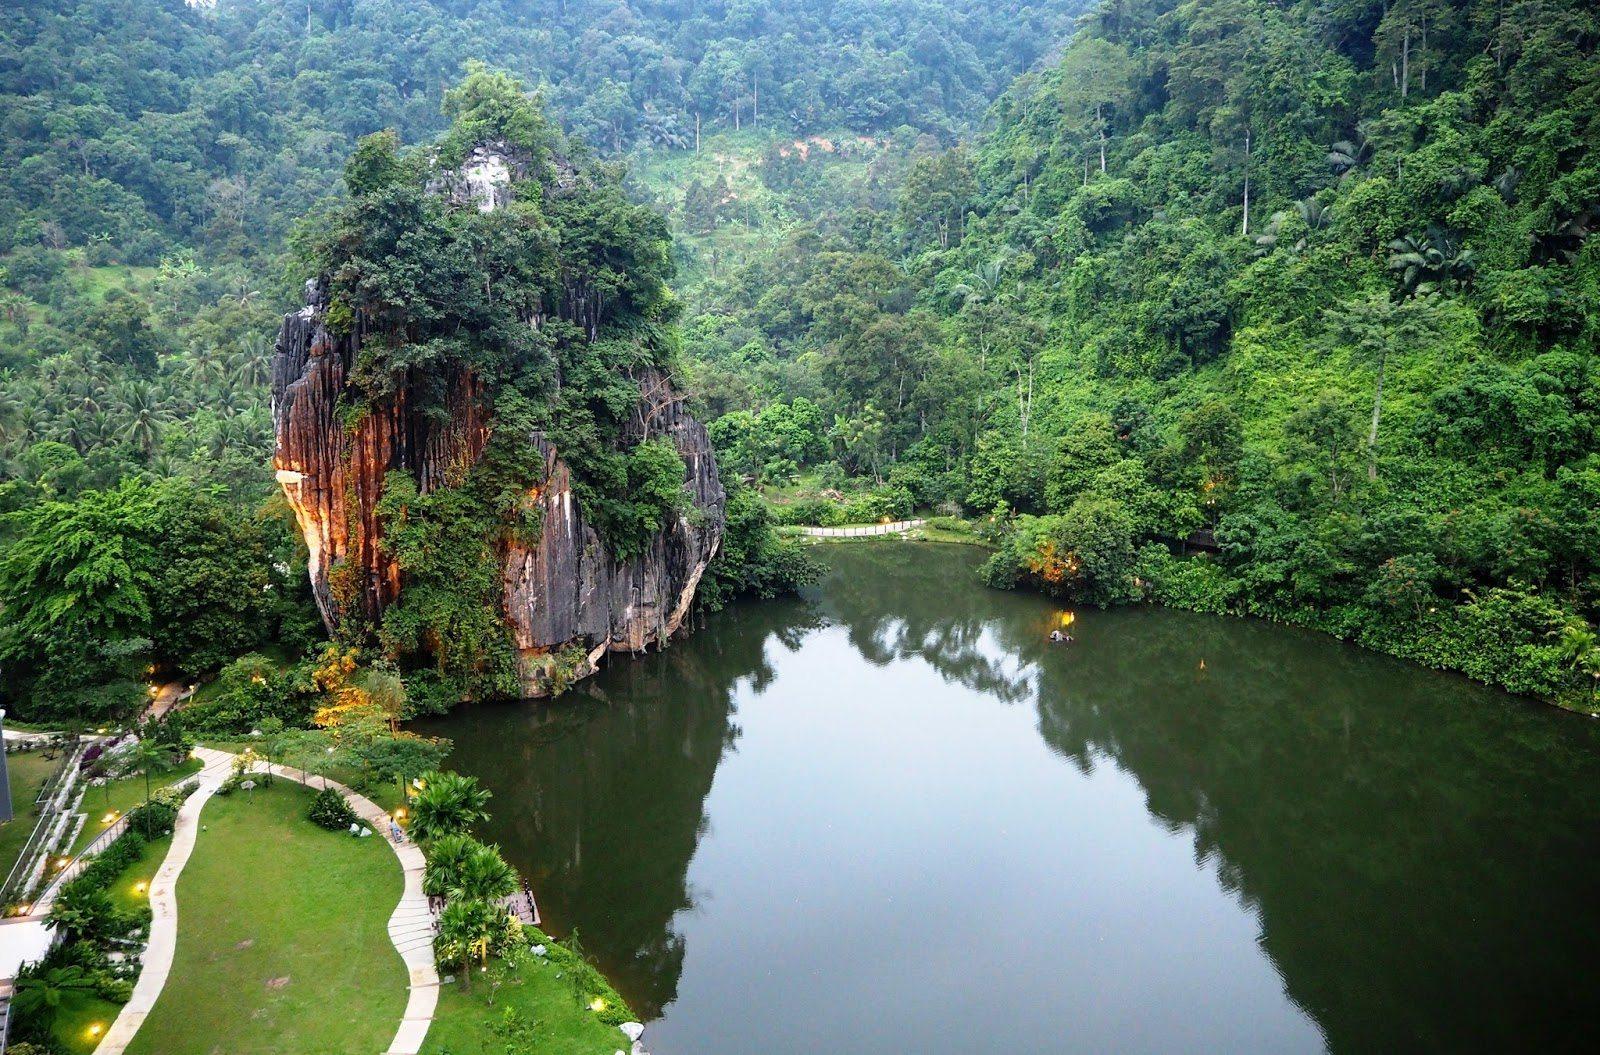 أهم الانشطة السياحية فى مدينة ايبوه فى ماليزيا | اكتشف مدينة ايبوه فى ماليزيا